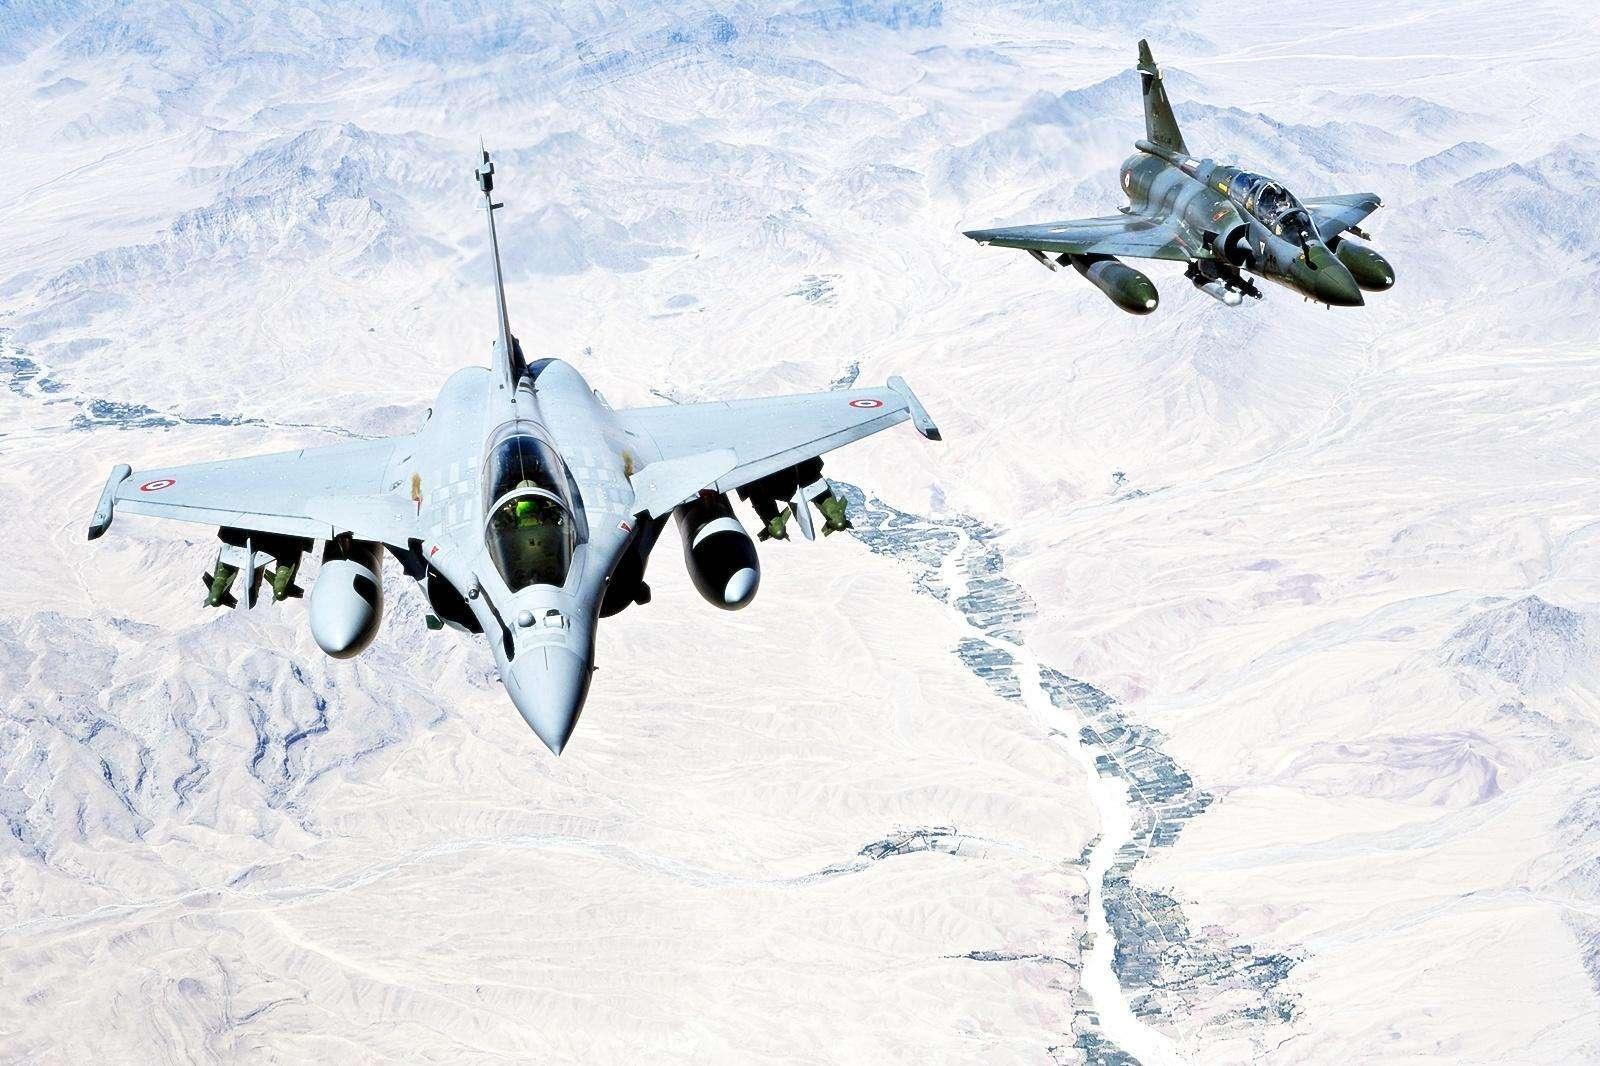 疫情打倒法国军火商,印度空军慌了,俄罗斯米格战机或成最大赢家_中欧新闻_欧洲中文网